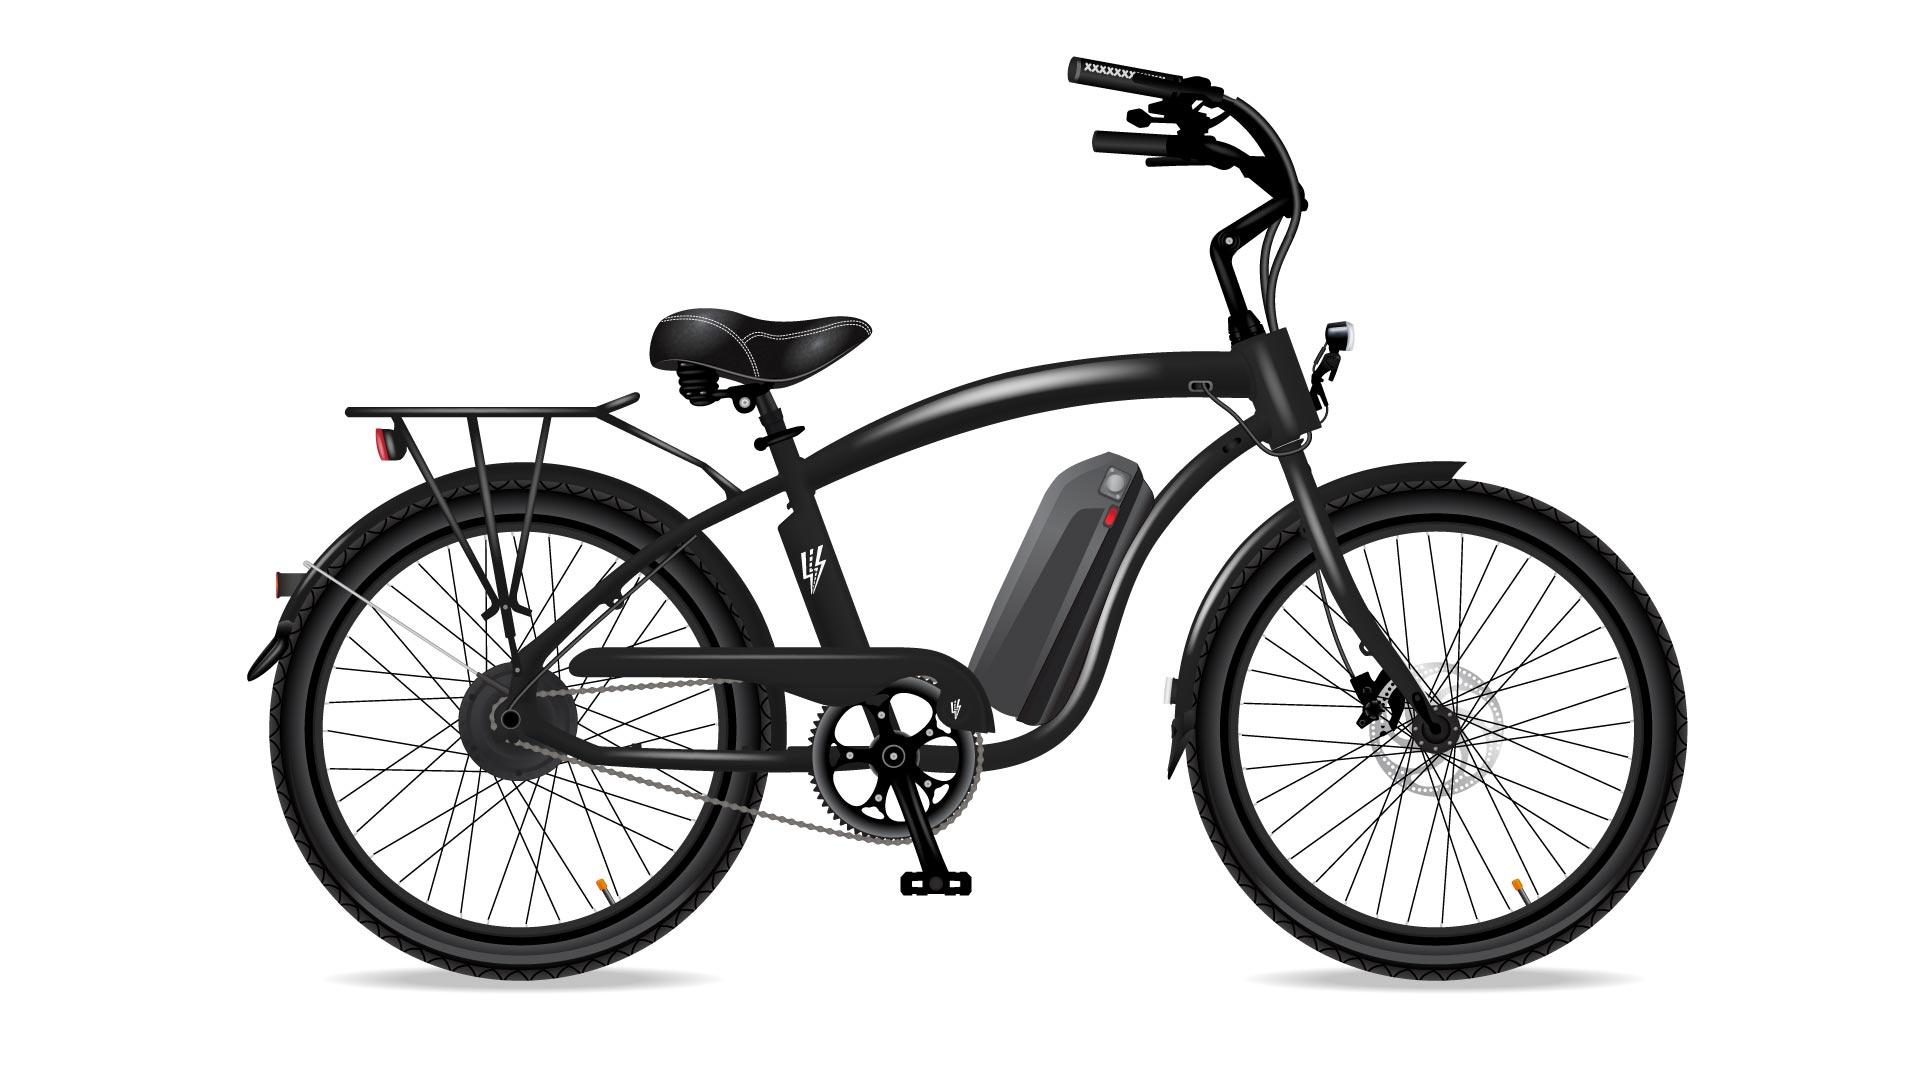 model-x-BLK_BLK-fenders-rear-rack